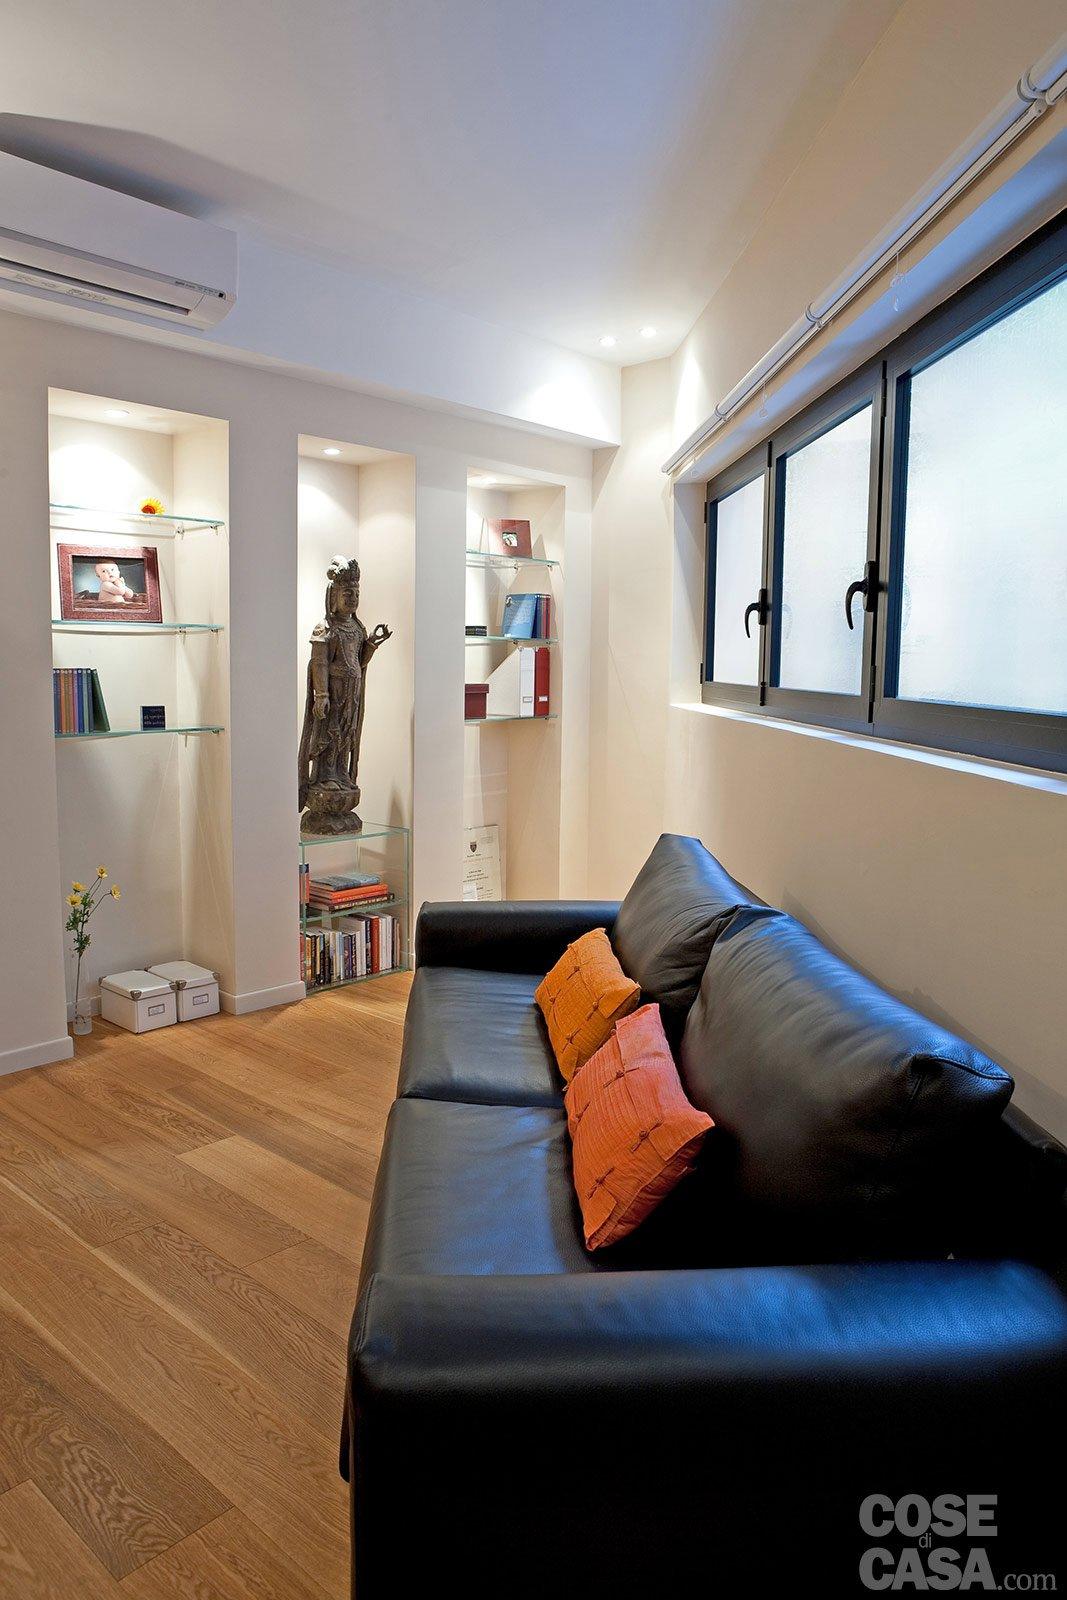 Una casa mini con curve e nicchie risolutive cose di casa for Nicchie nelle pareti